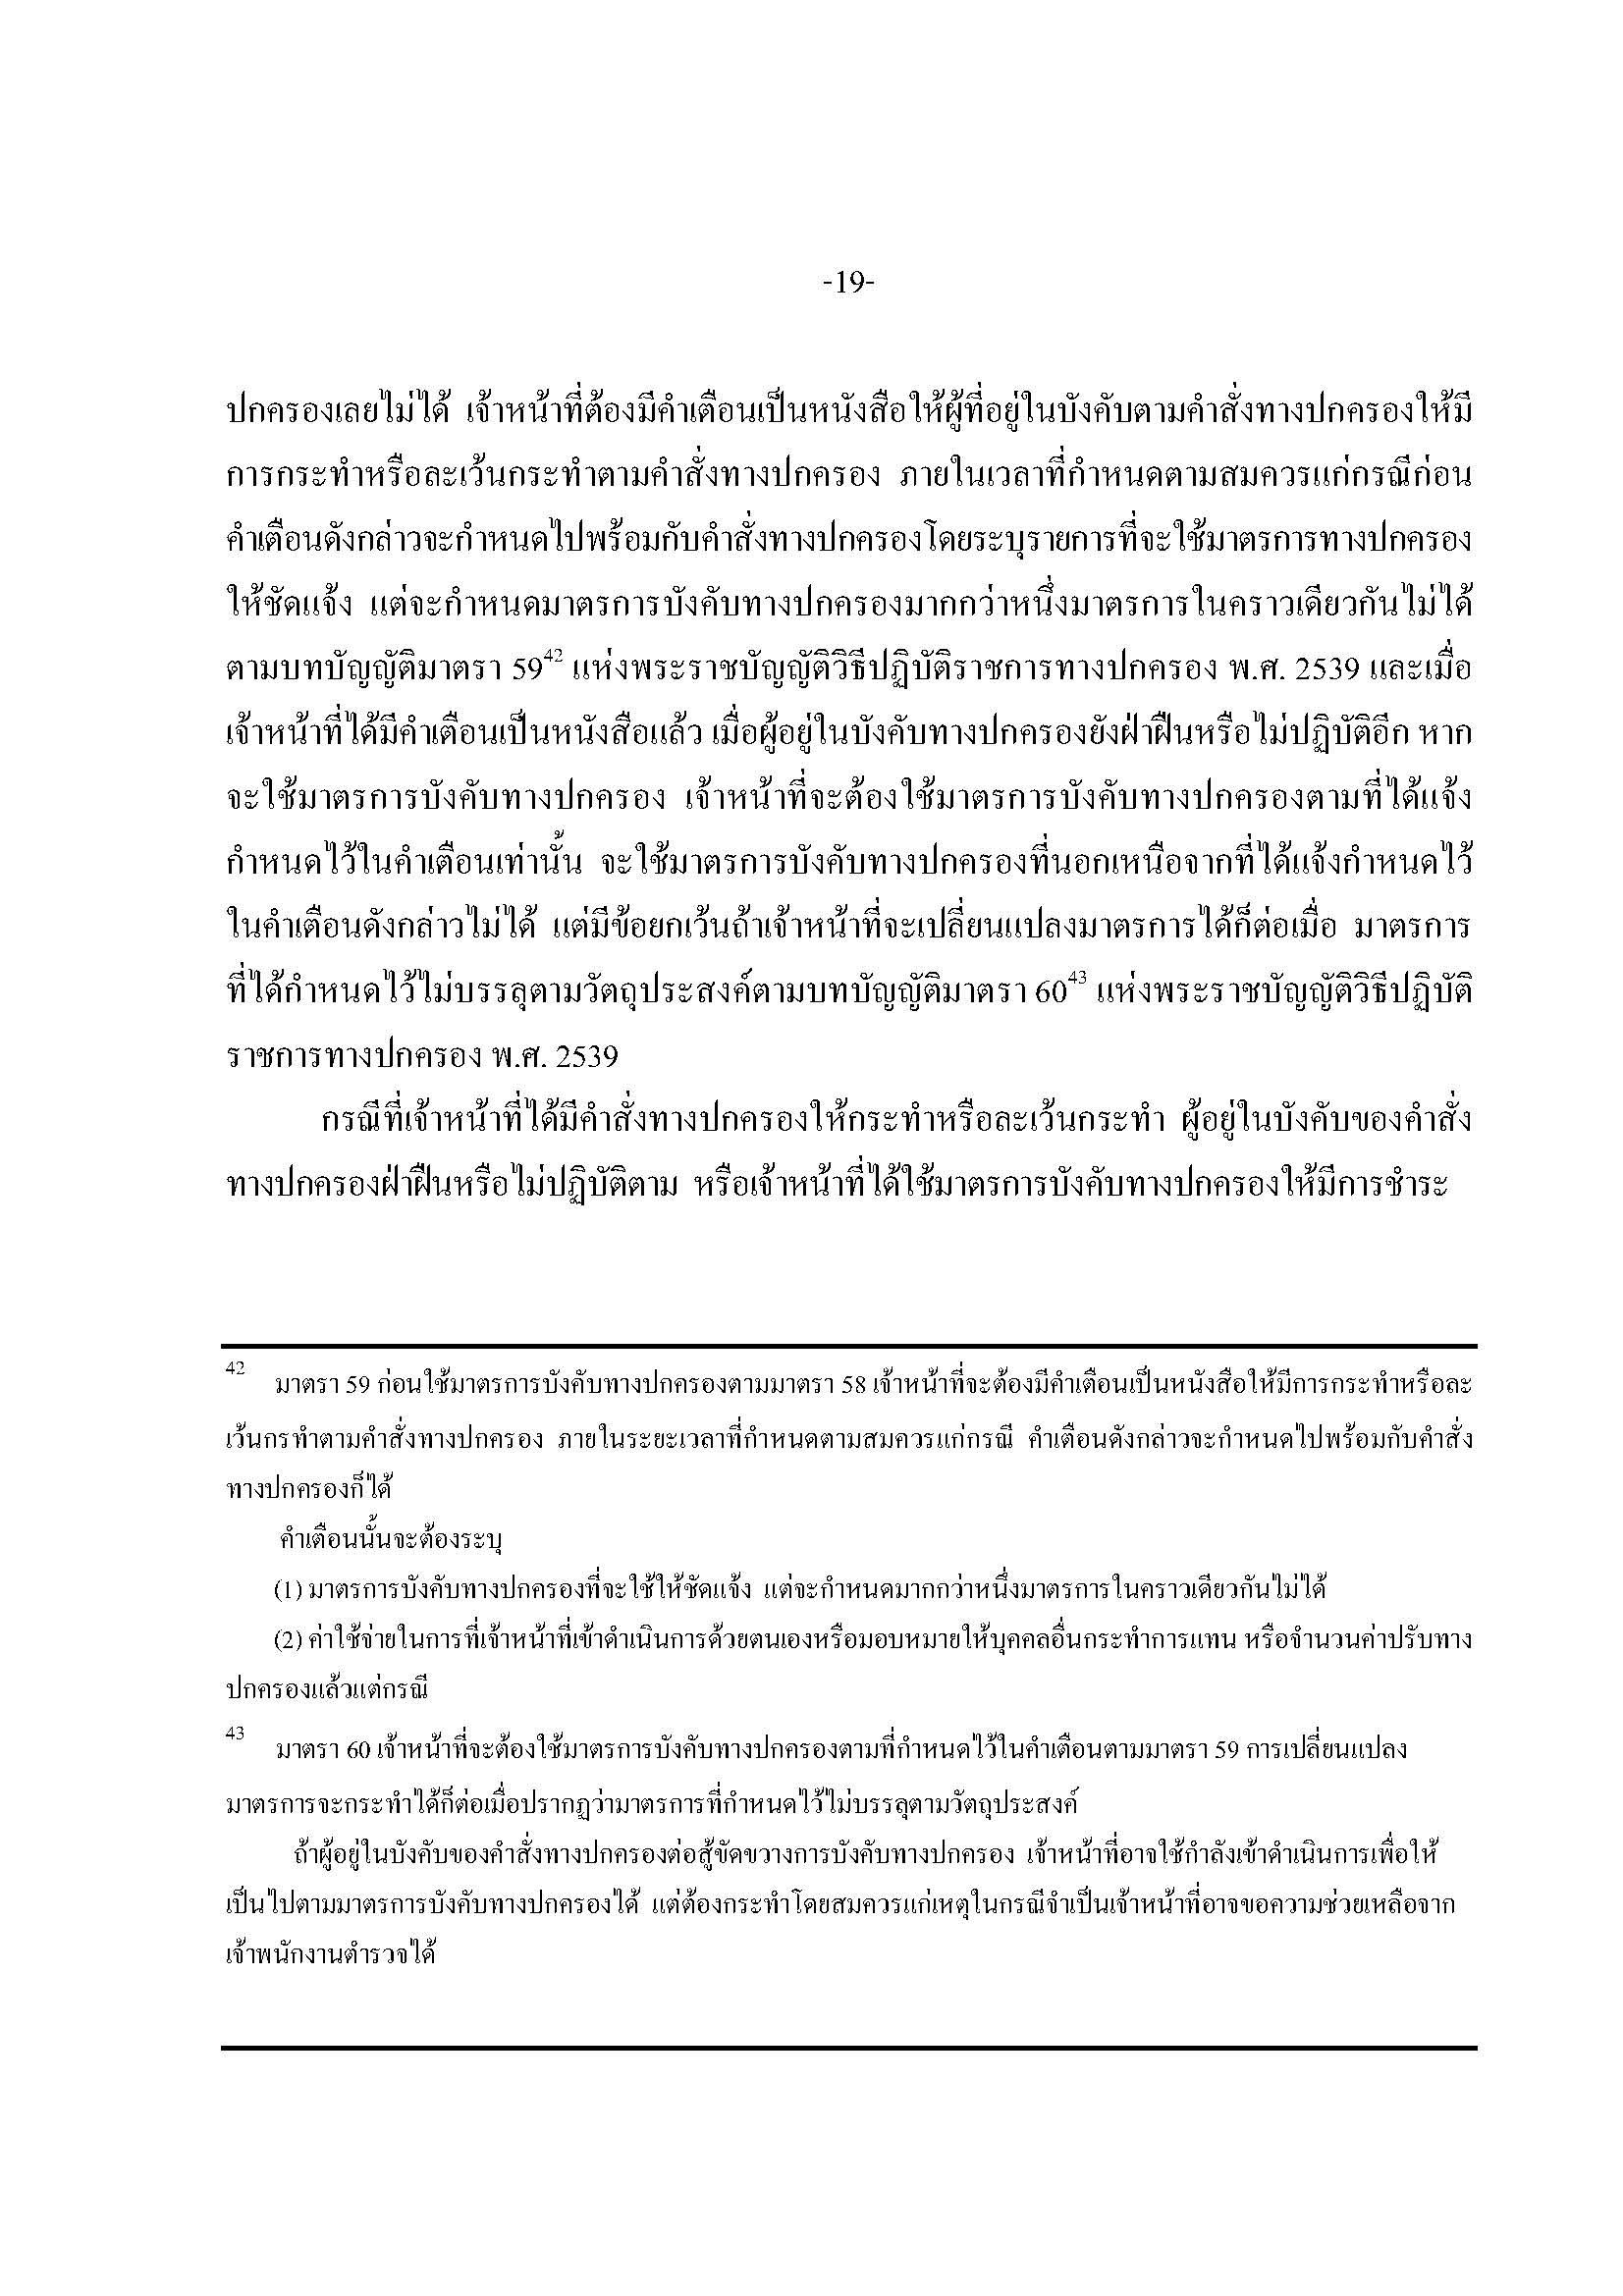 มาตราการบังคับทางปกครองให้ชำระเงิน_Page_19